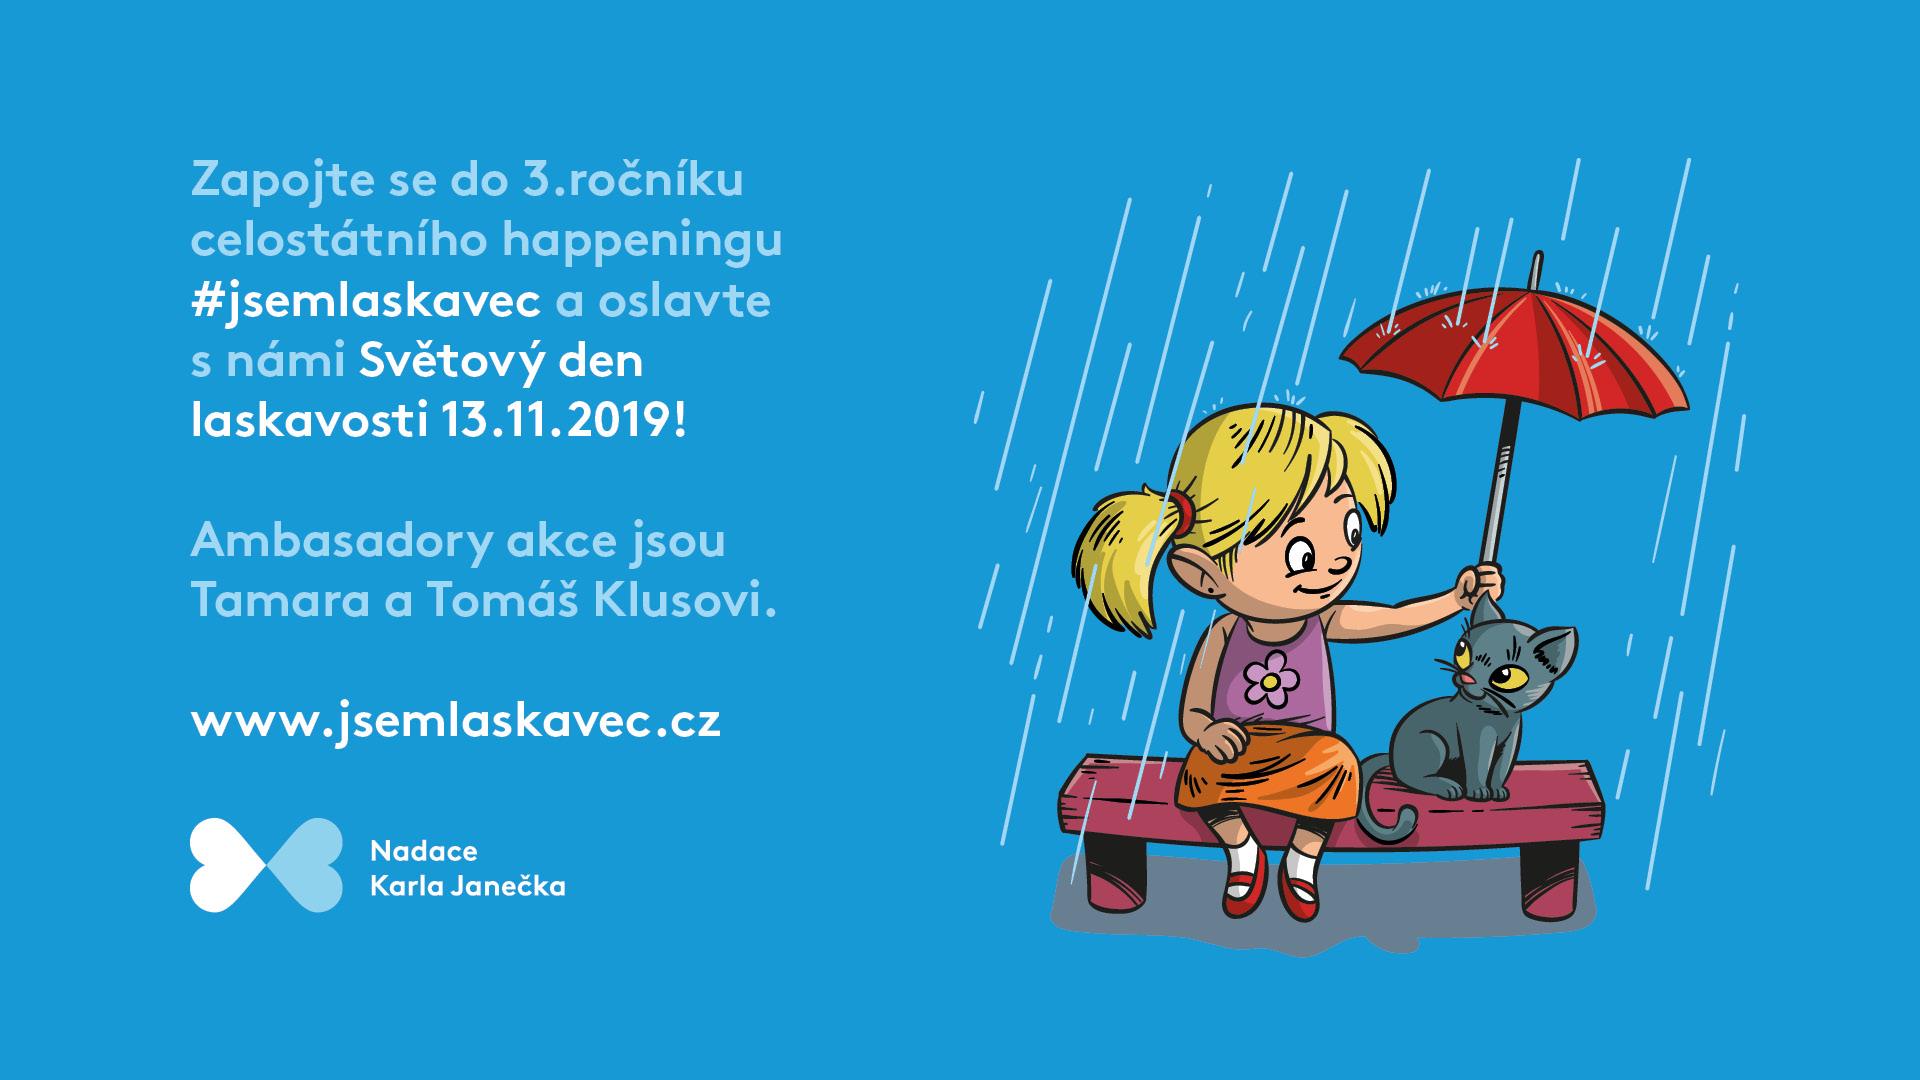 Ke Světovému dni laskavosti připravila Nadace Karla Janečka celostátní happening #jsemlaskavec